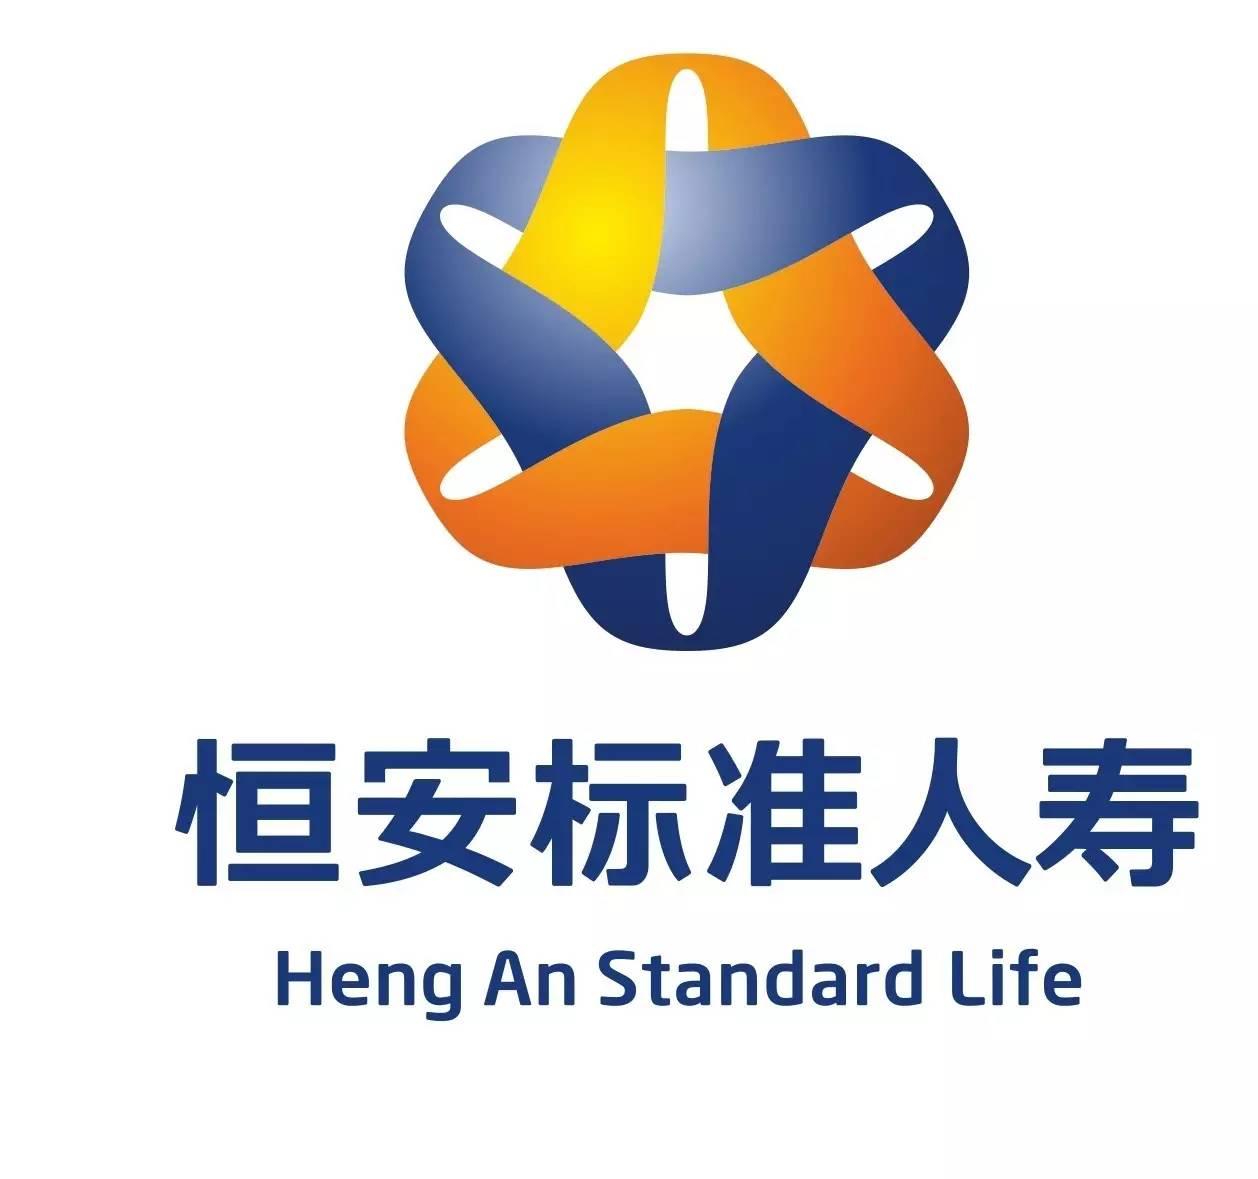 详情见恒安标准人寿产品条款,最终解释权归恒安标准人寿.